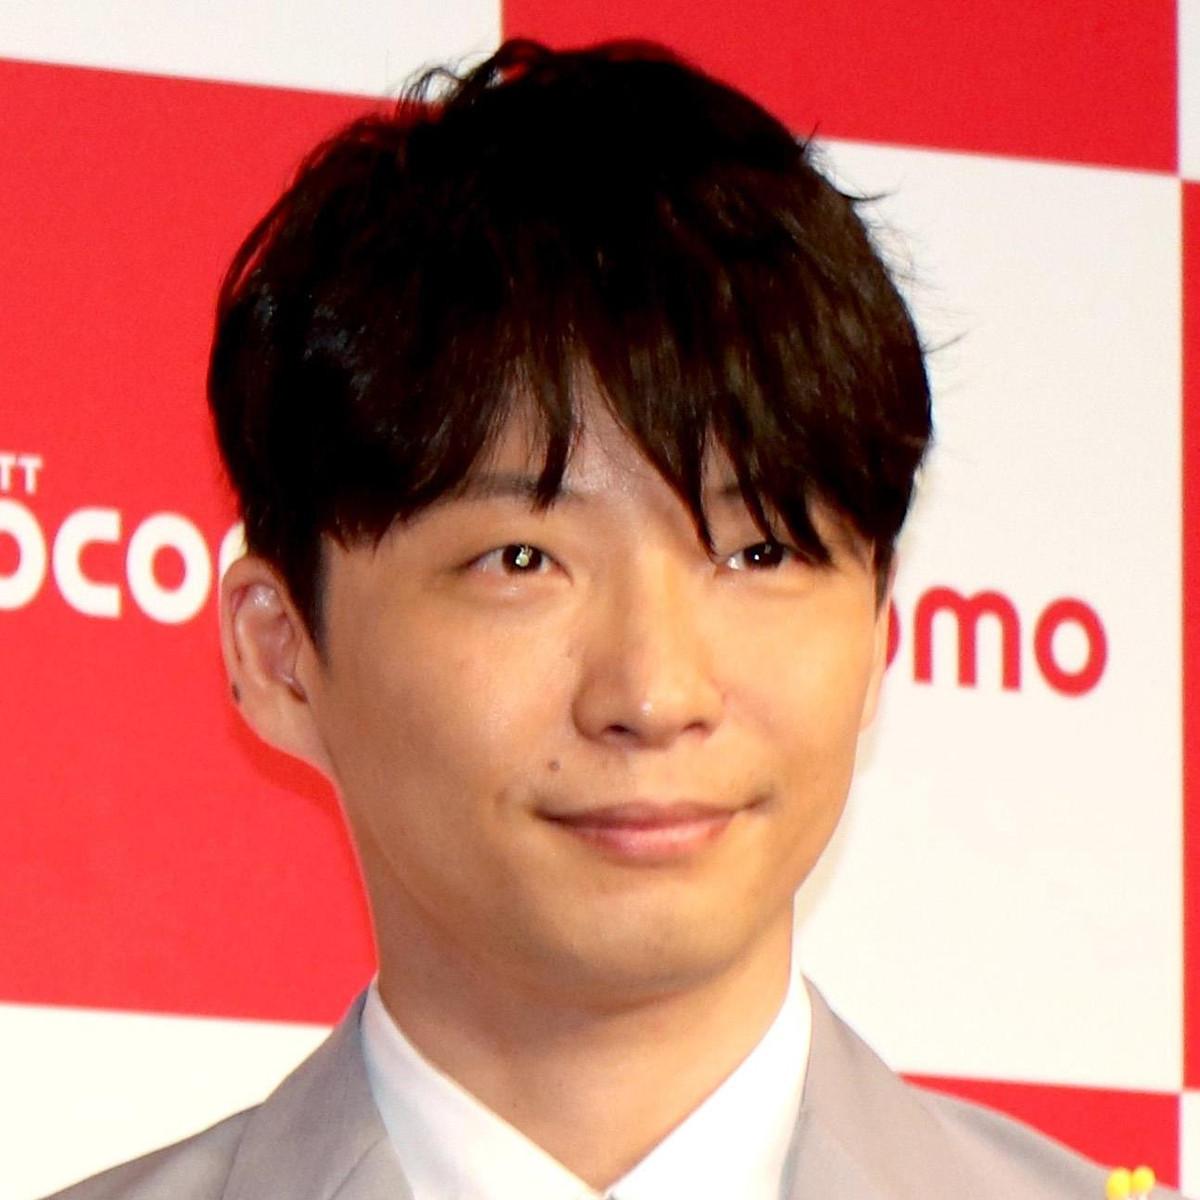 綾野剛&星野源ダブル主演「MIU404」第3話視聴率は10・6% 3話連続2ケタ維持